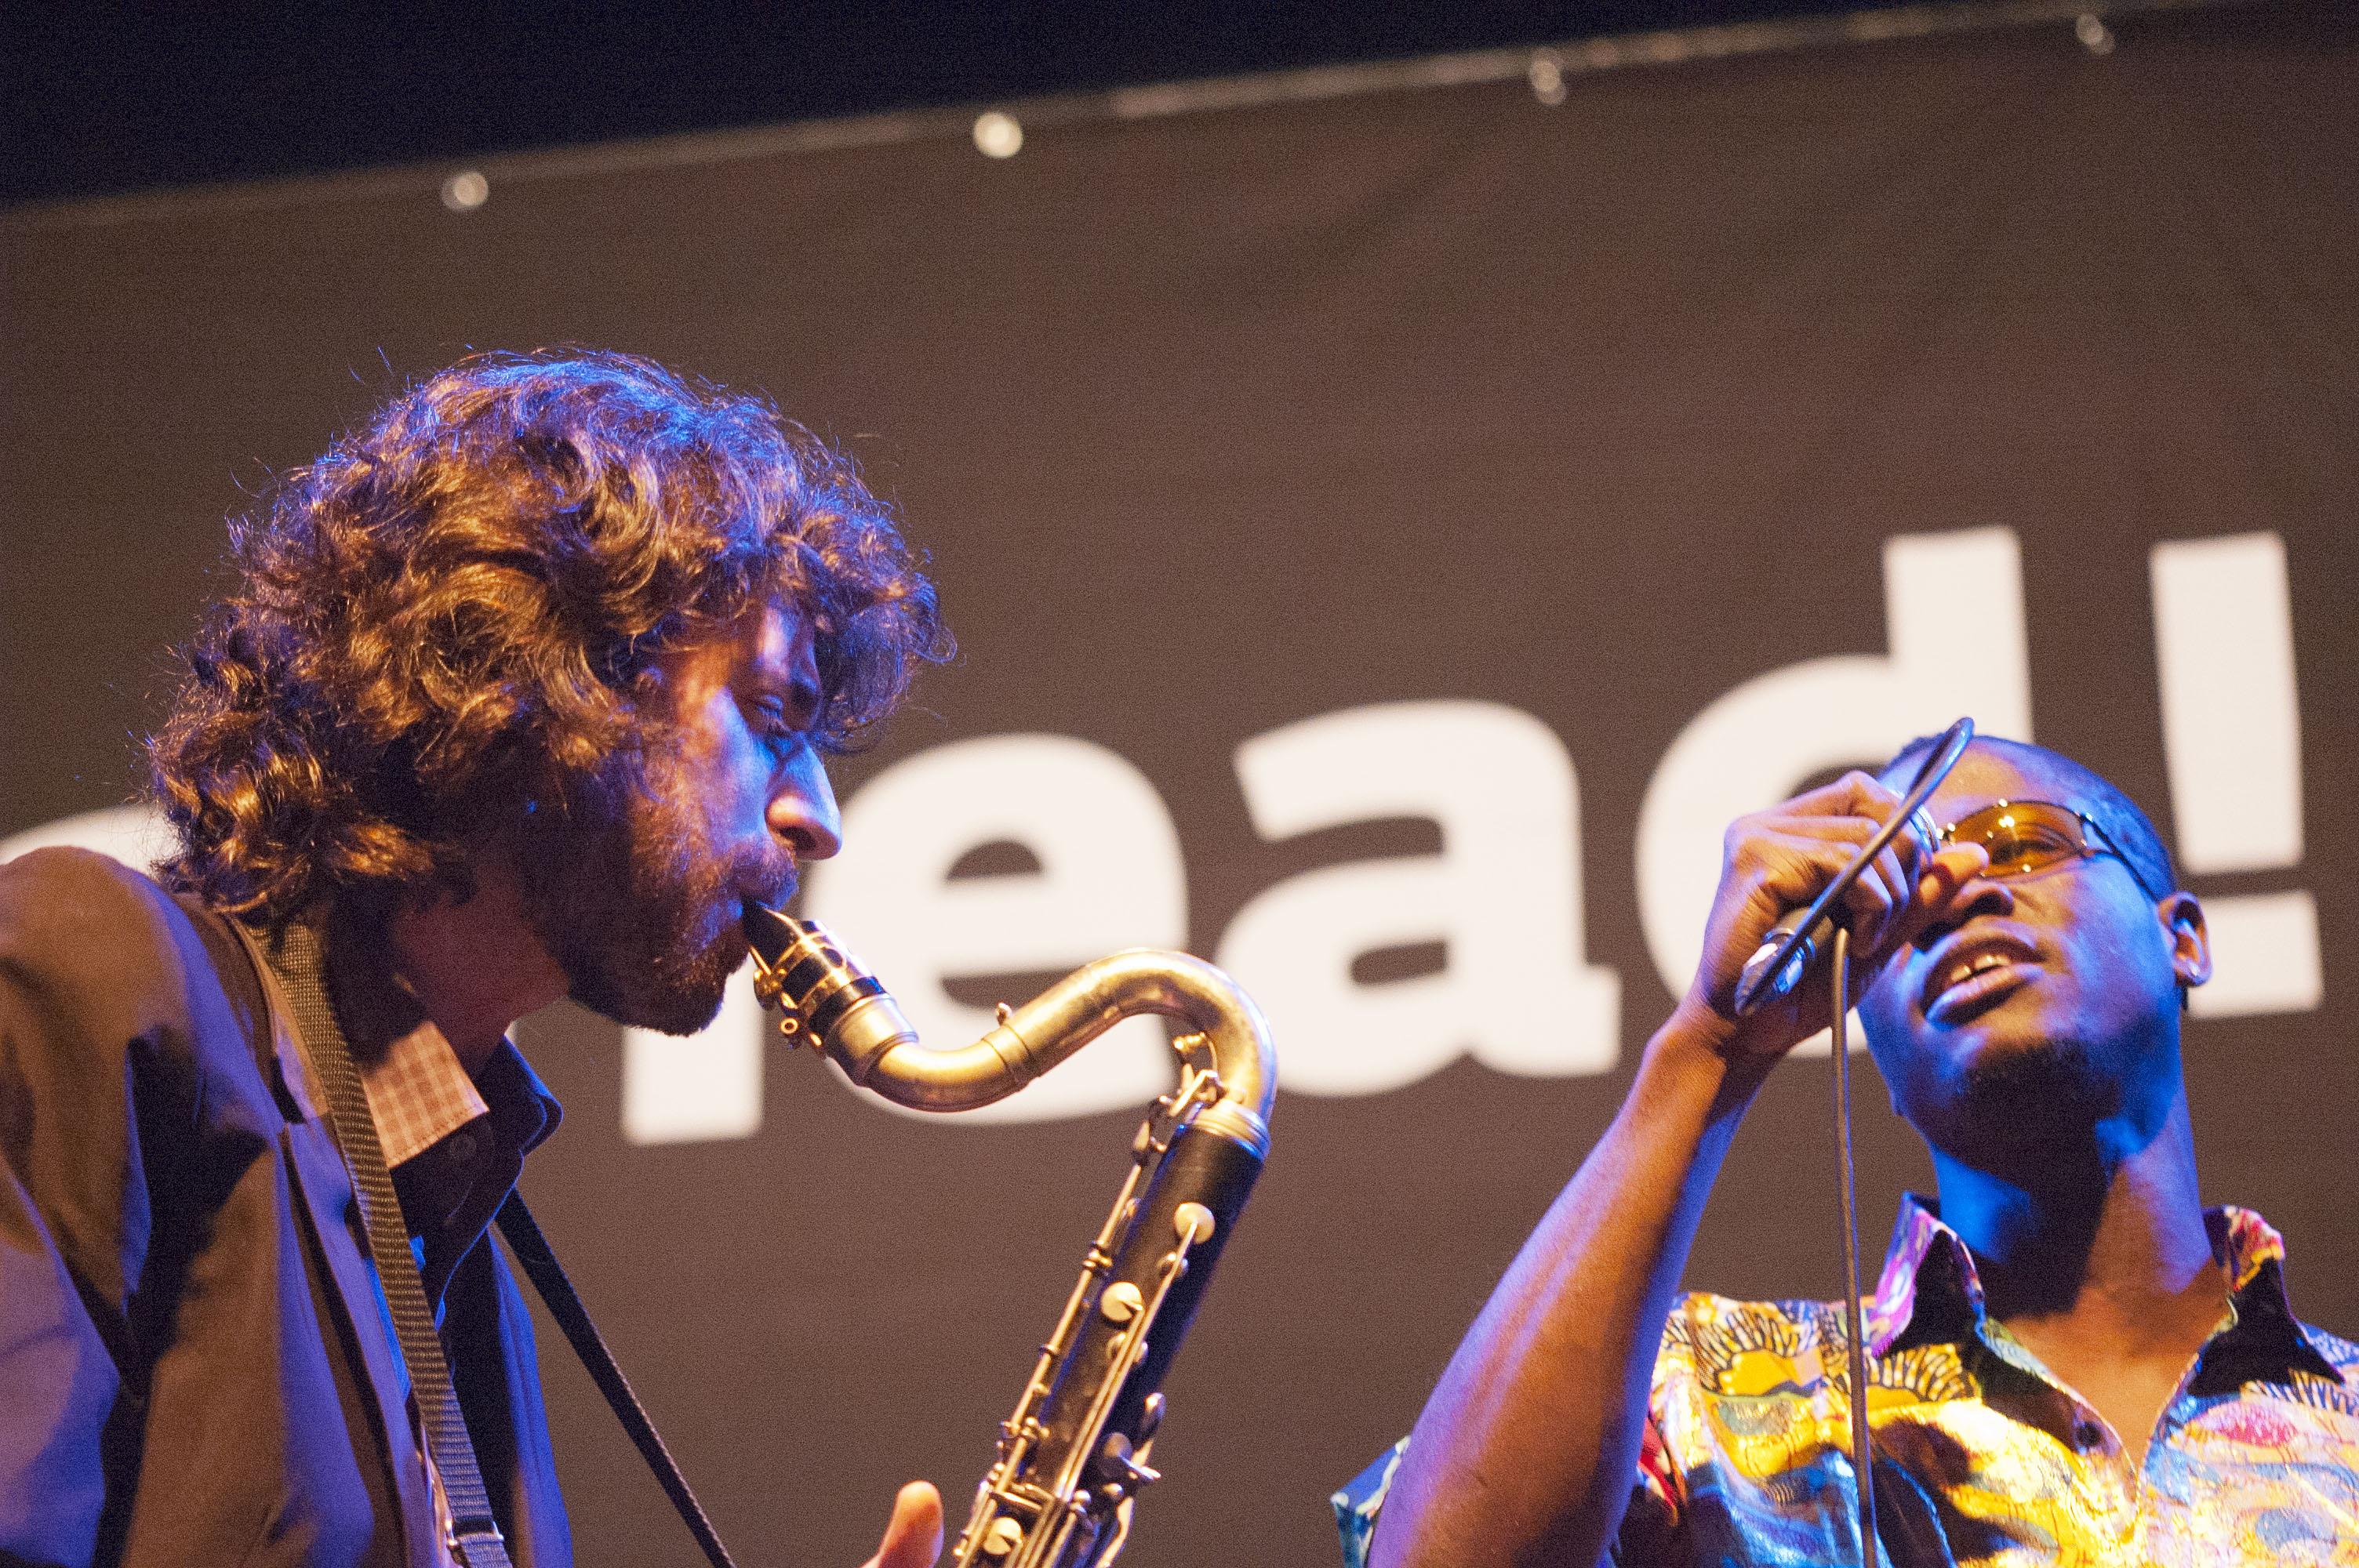 Oran Etkin Kelenia, Jazzahead! 2012